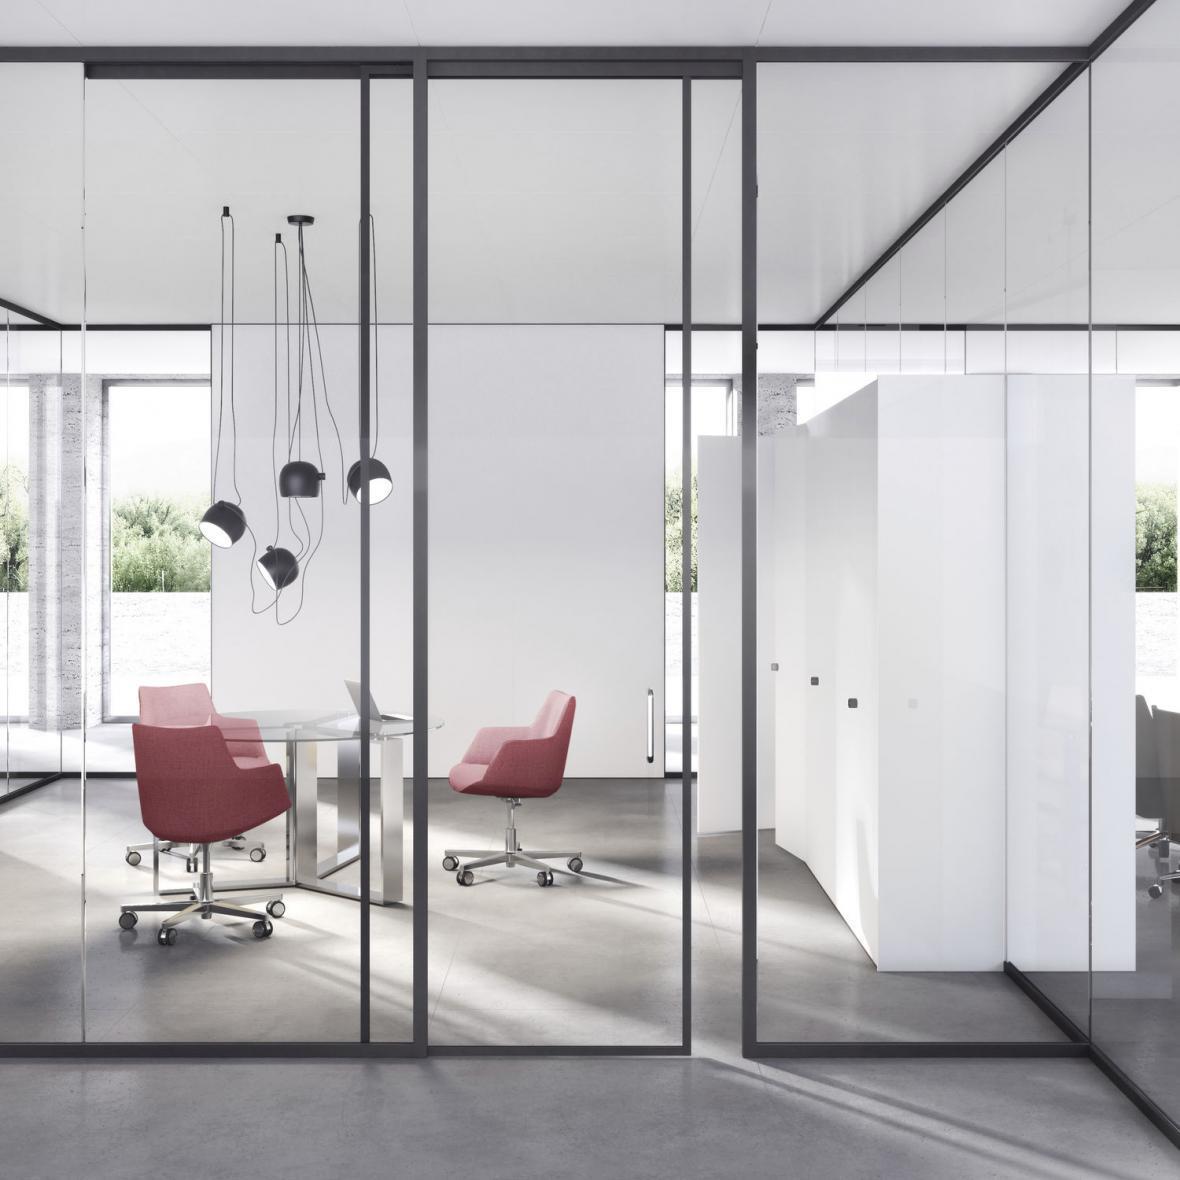 مقاله: انواع پارتیشن برای فضاهای اداری